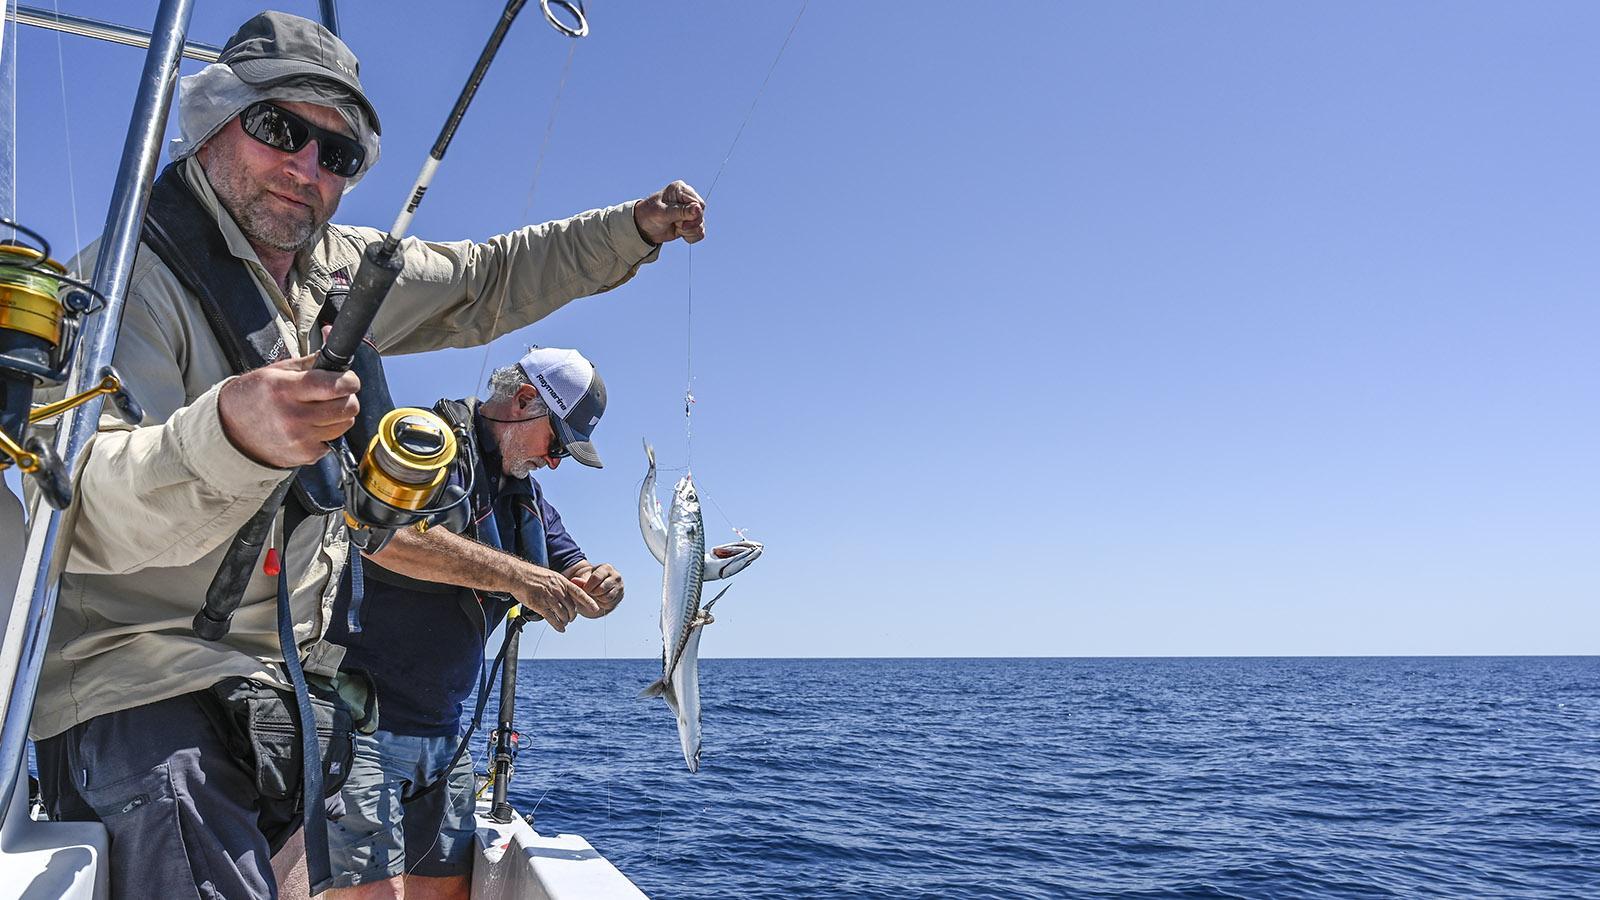 Makrelen - frisch gefangen im Mittelmeer. Foto: Hilke Maunder